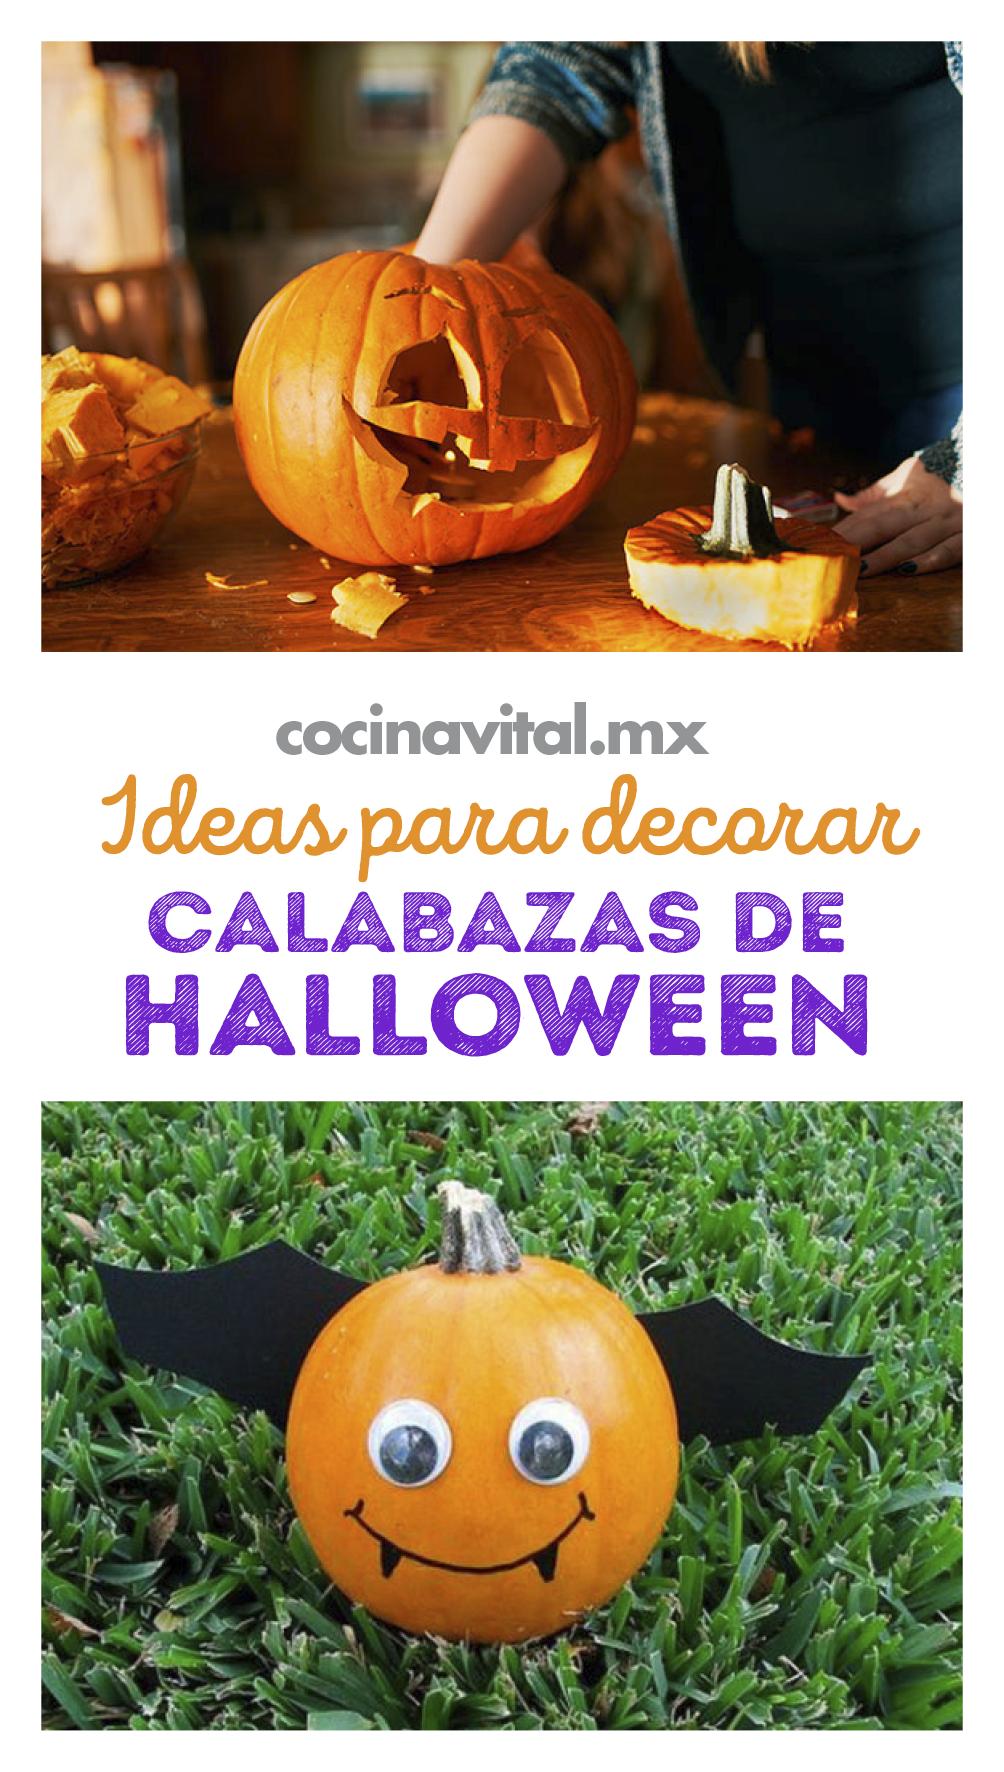 Ideas Para Decorar Una Calabaza De Halloween Cocina Vital Qué Cocinar Hoy Calabazas De Halloween Recetas Halloween Calabazas